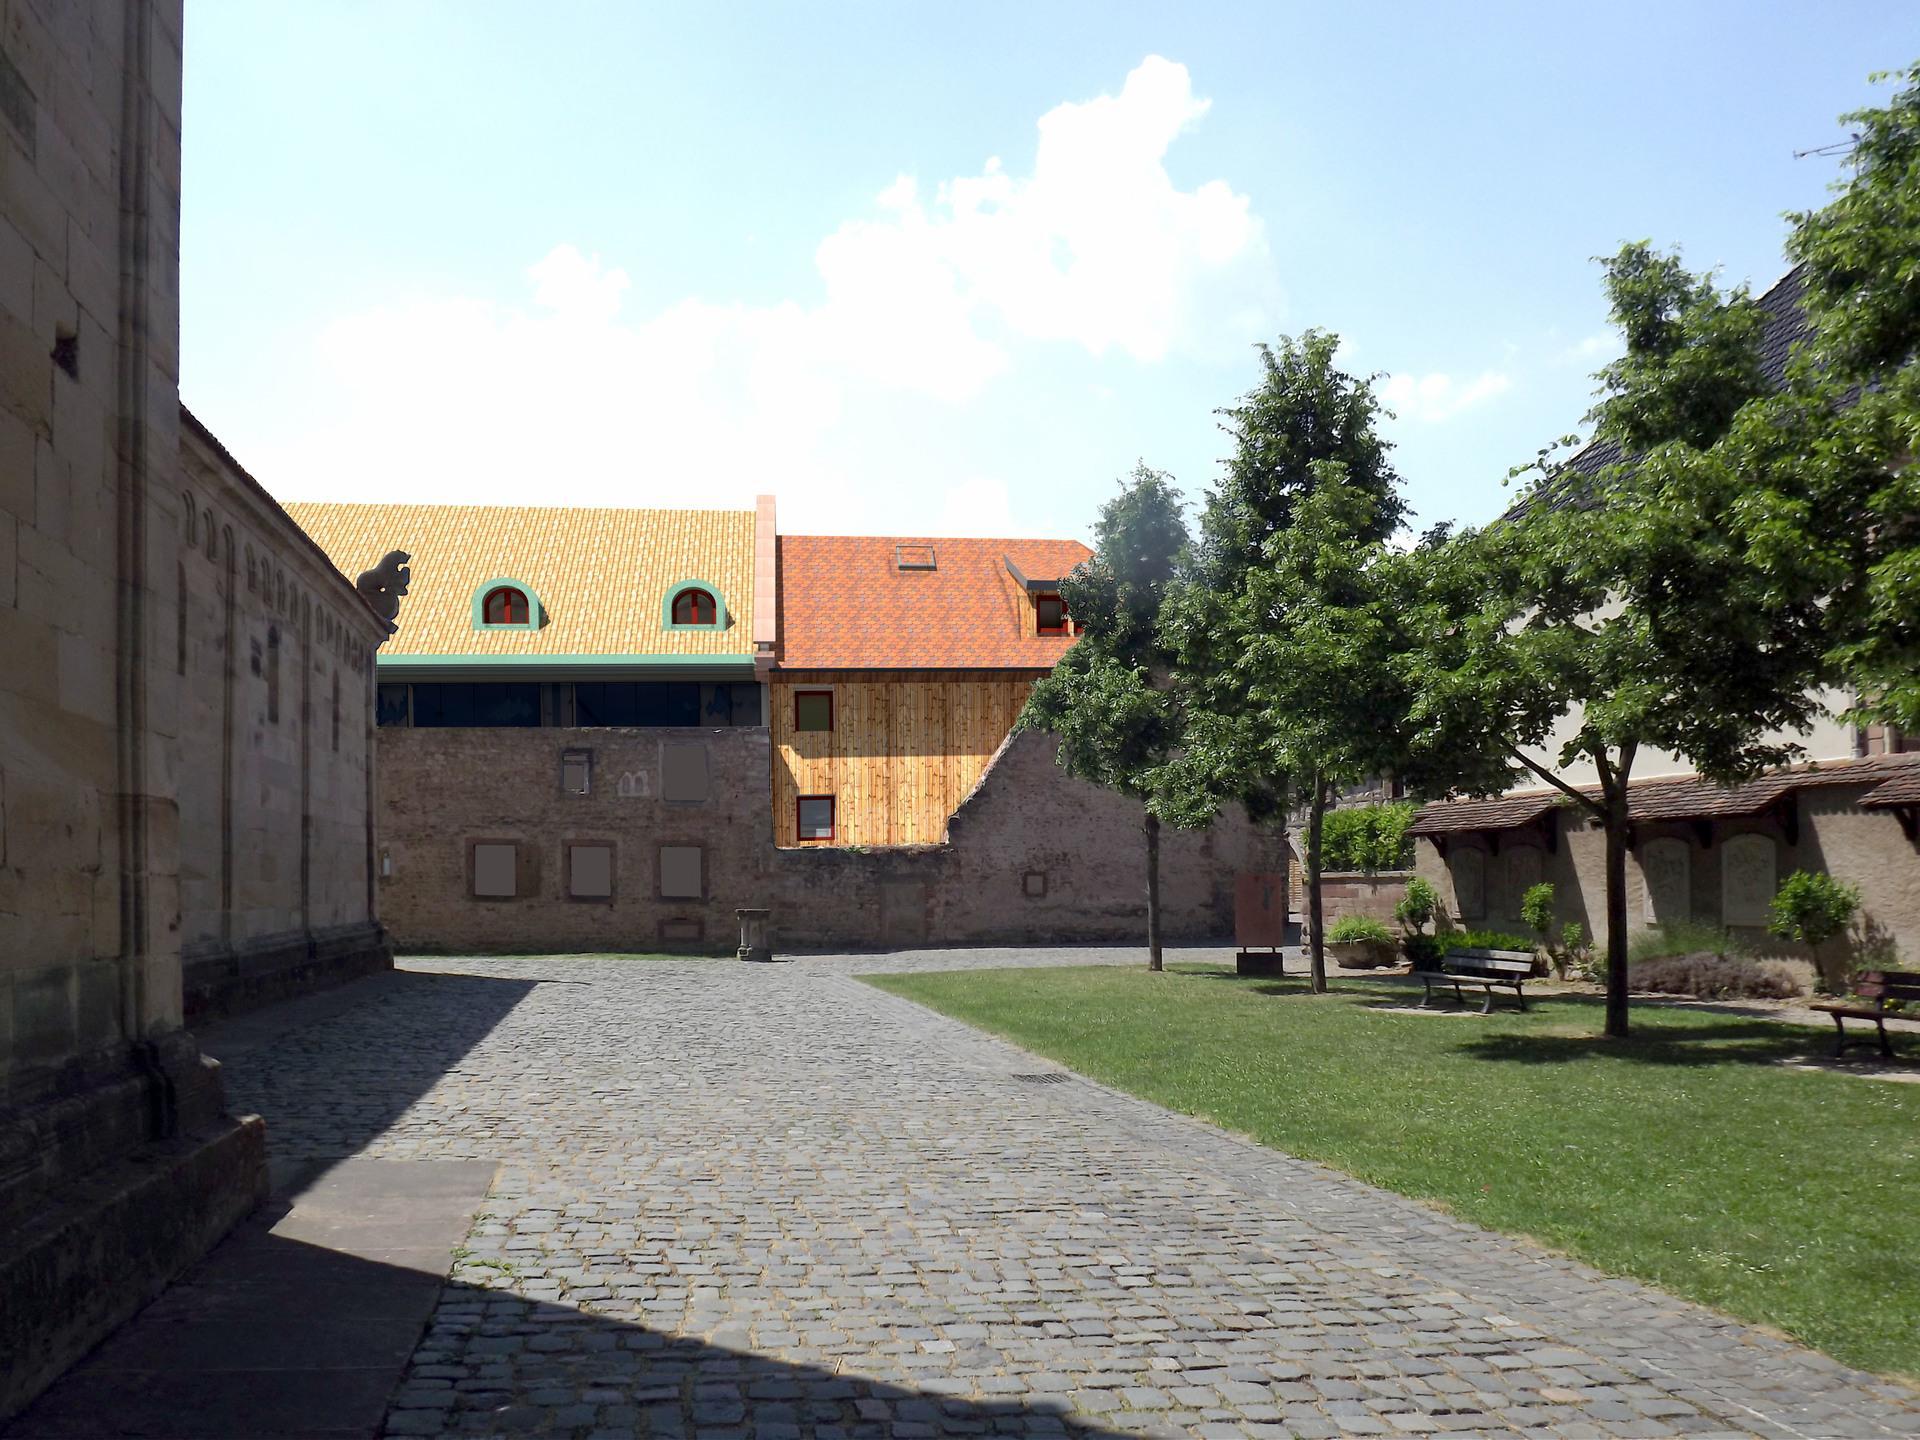 Rosheim_Meyerhof_html_a1ac838c64e299a1